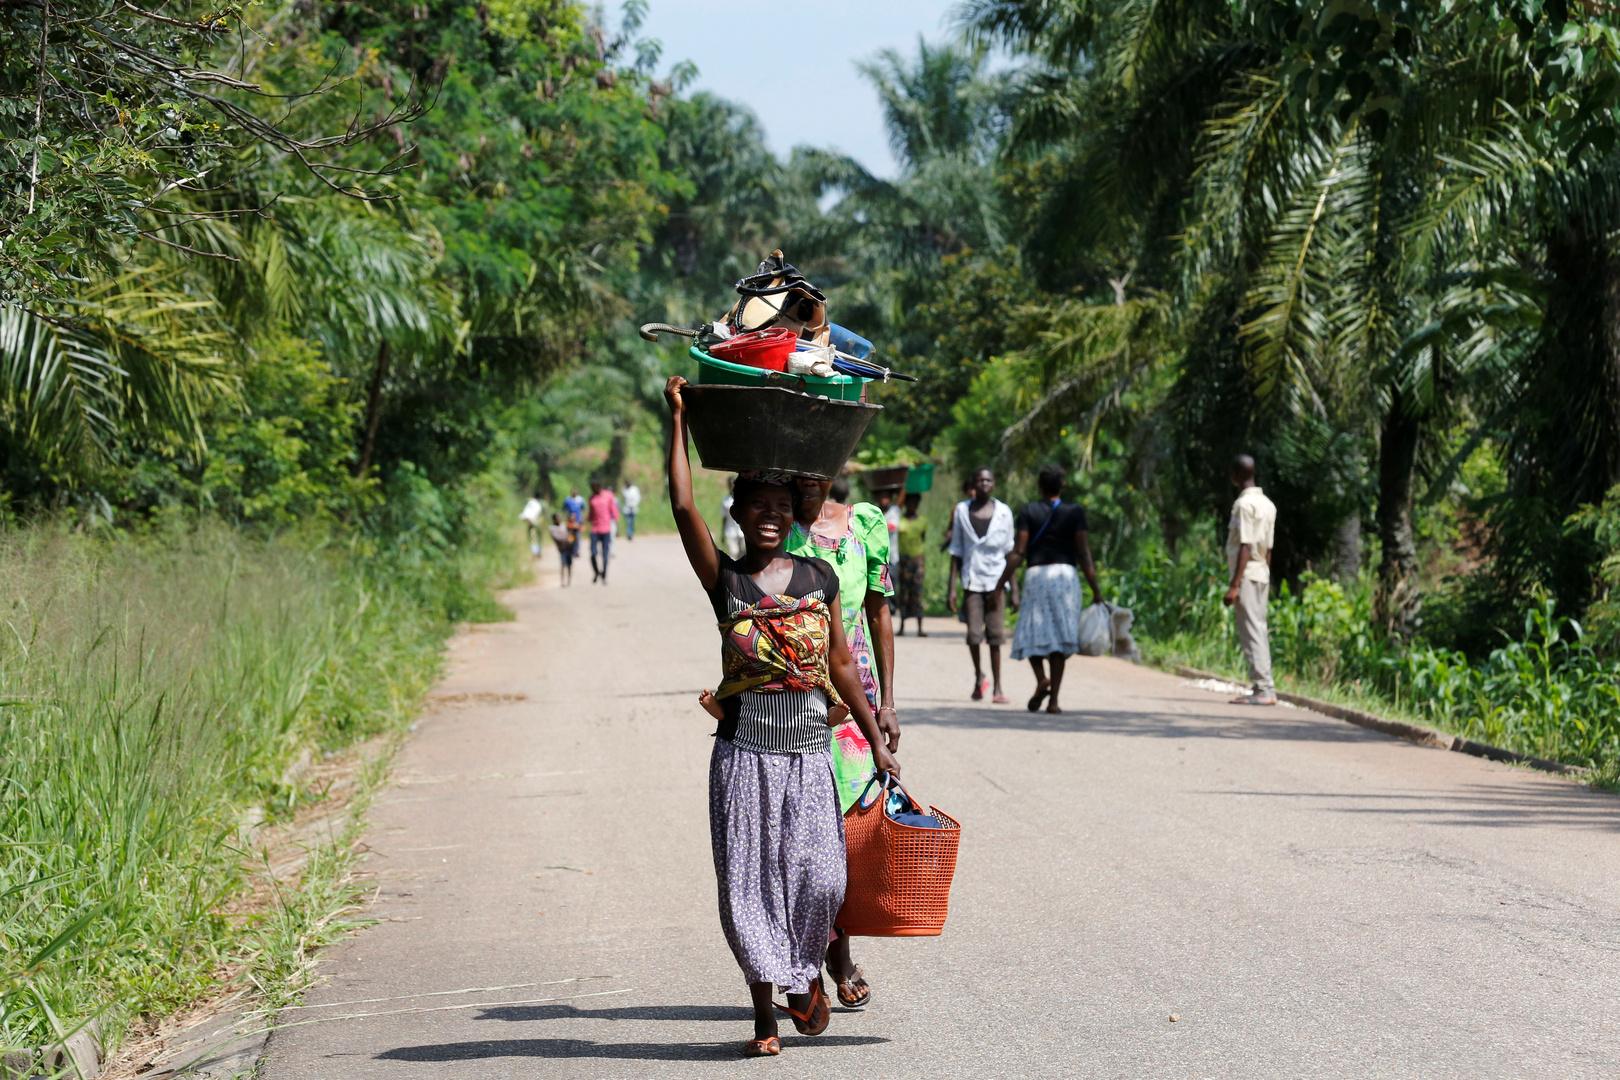 متشددون يقتلون 8 أشخاص في هجوم على سوق شمال شرقي الكونغو